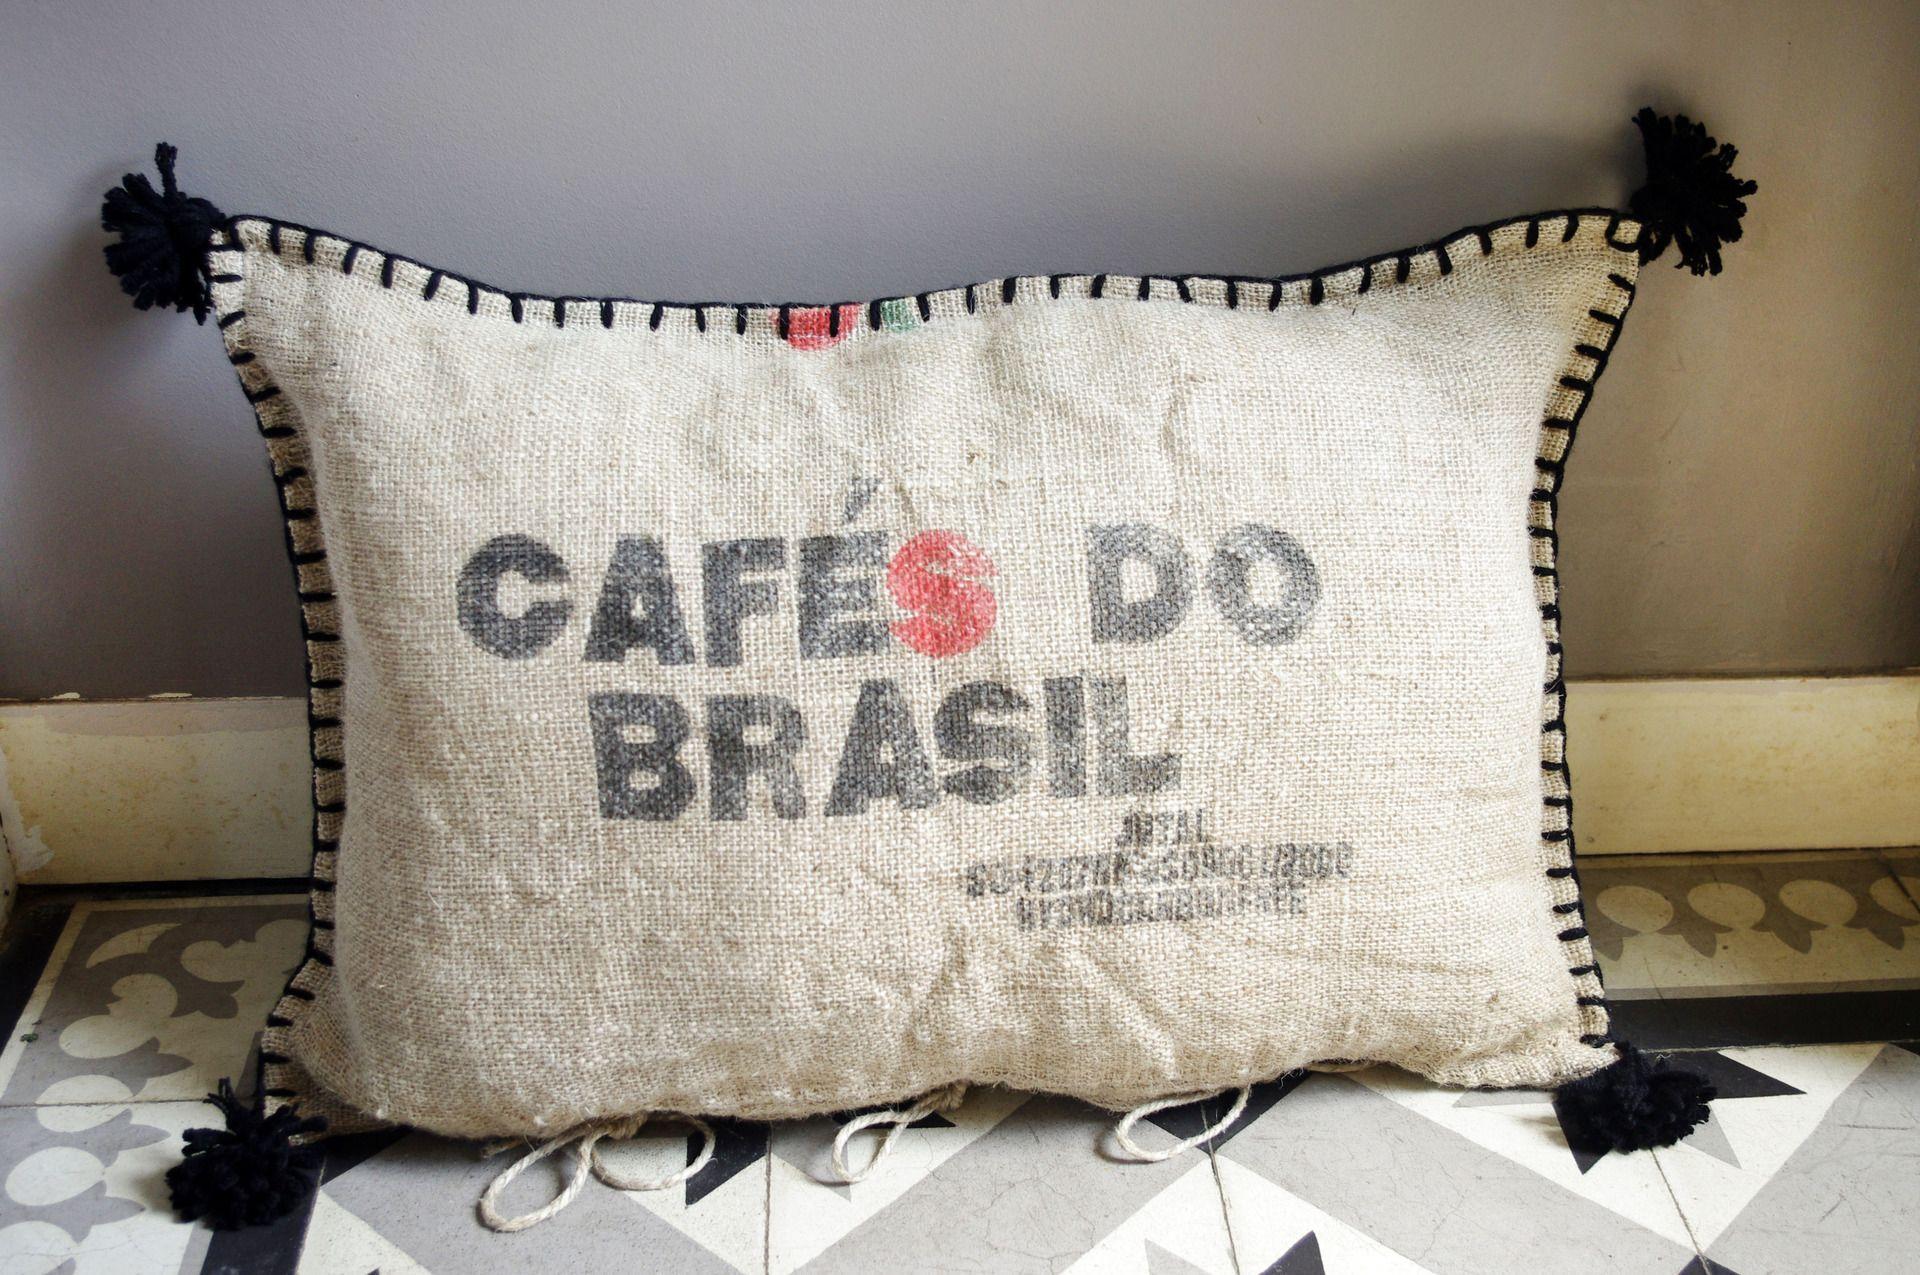 coussin de sol en sac caf do brasil de jute textiles et tapis par abracadabroc couture. Black Bedroom Furniture Sets. Home Design Ideas